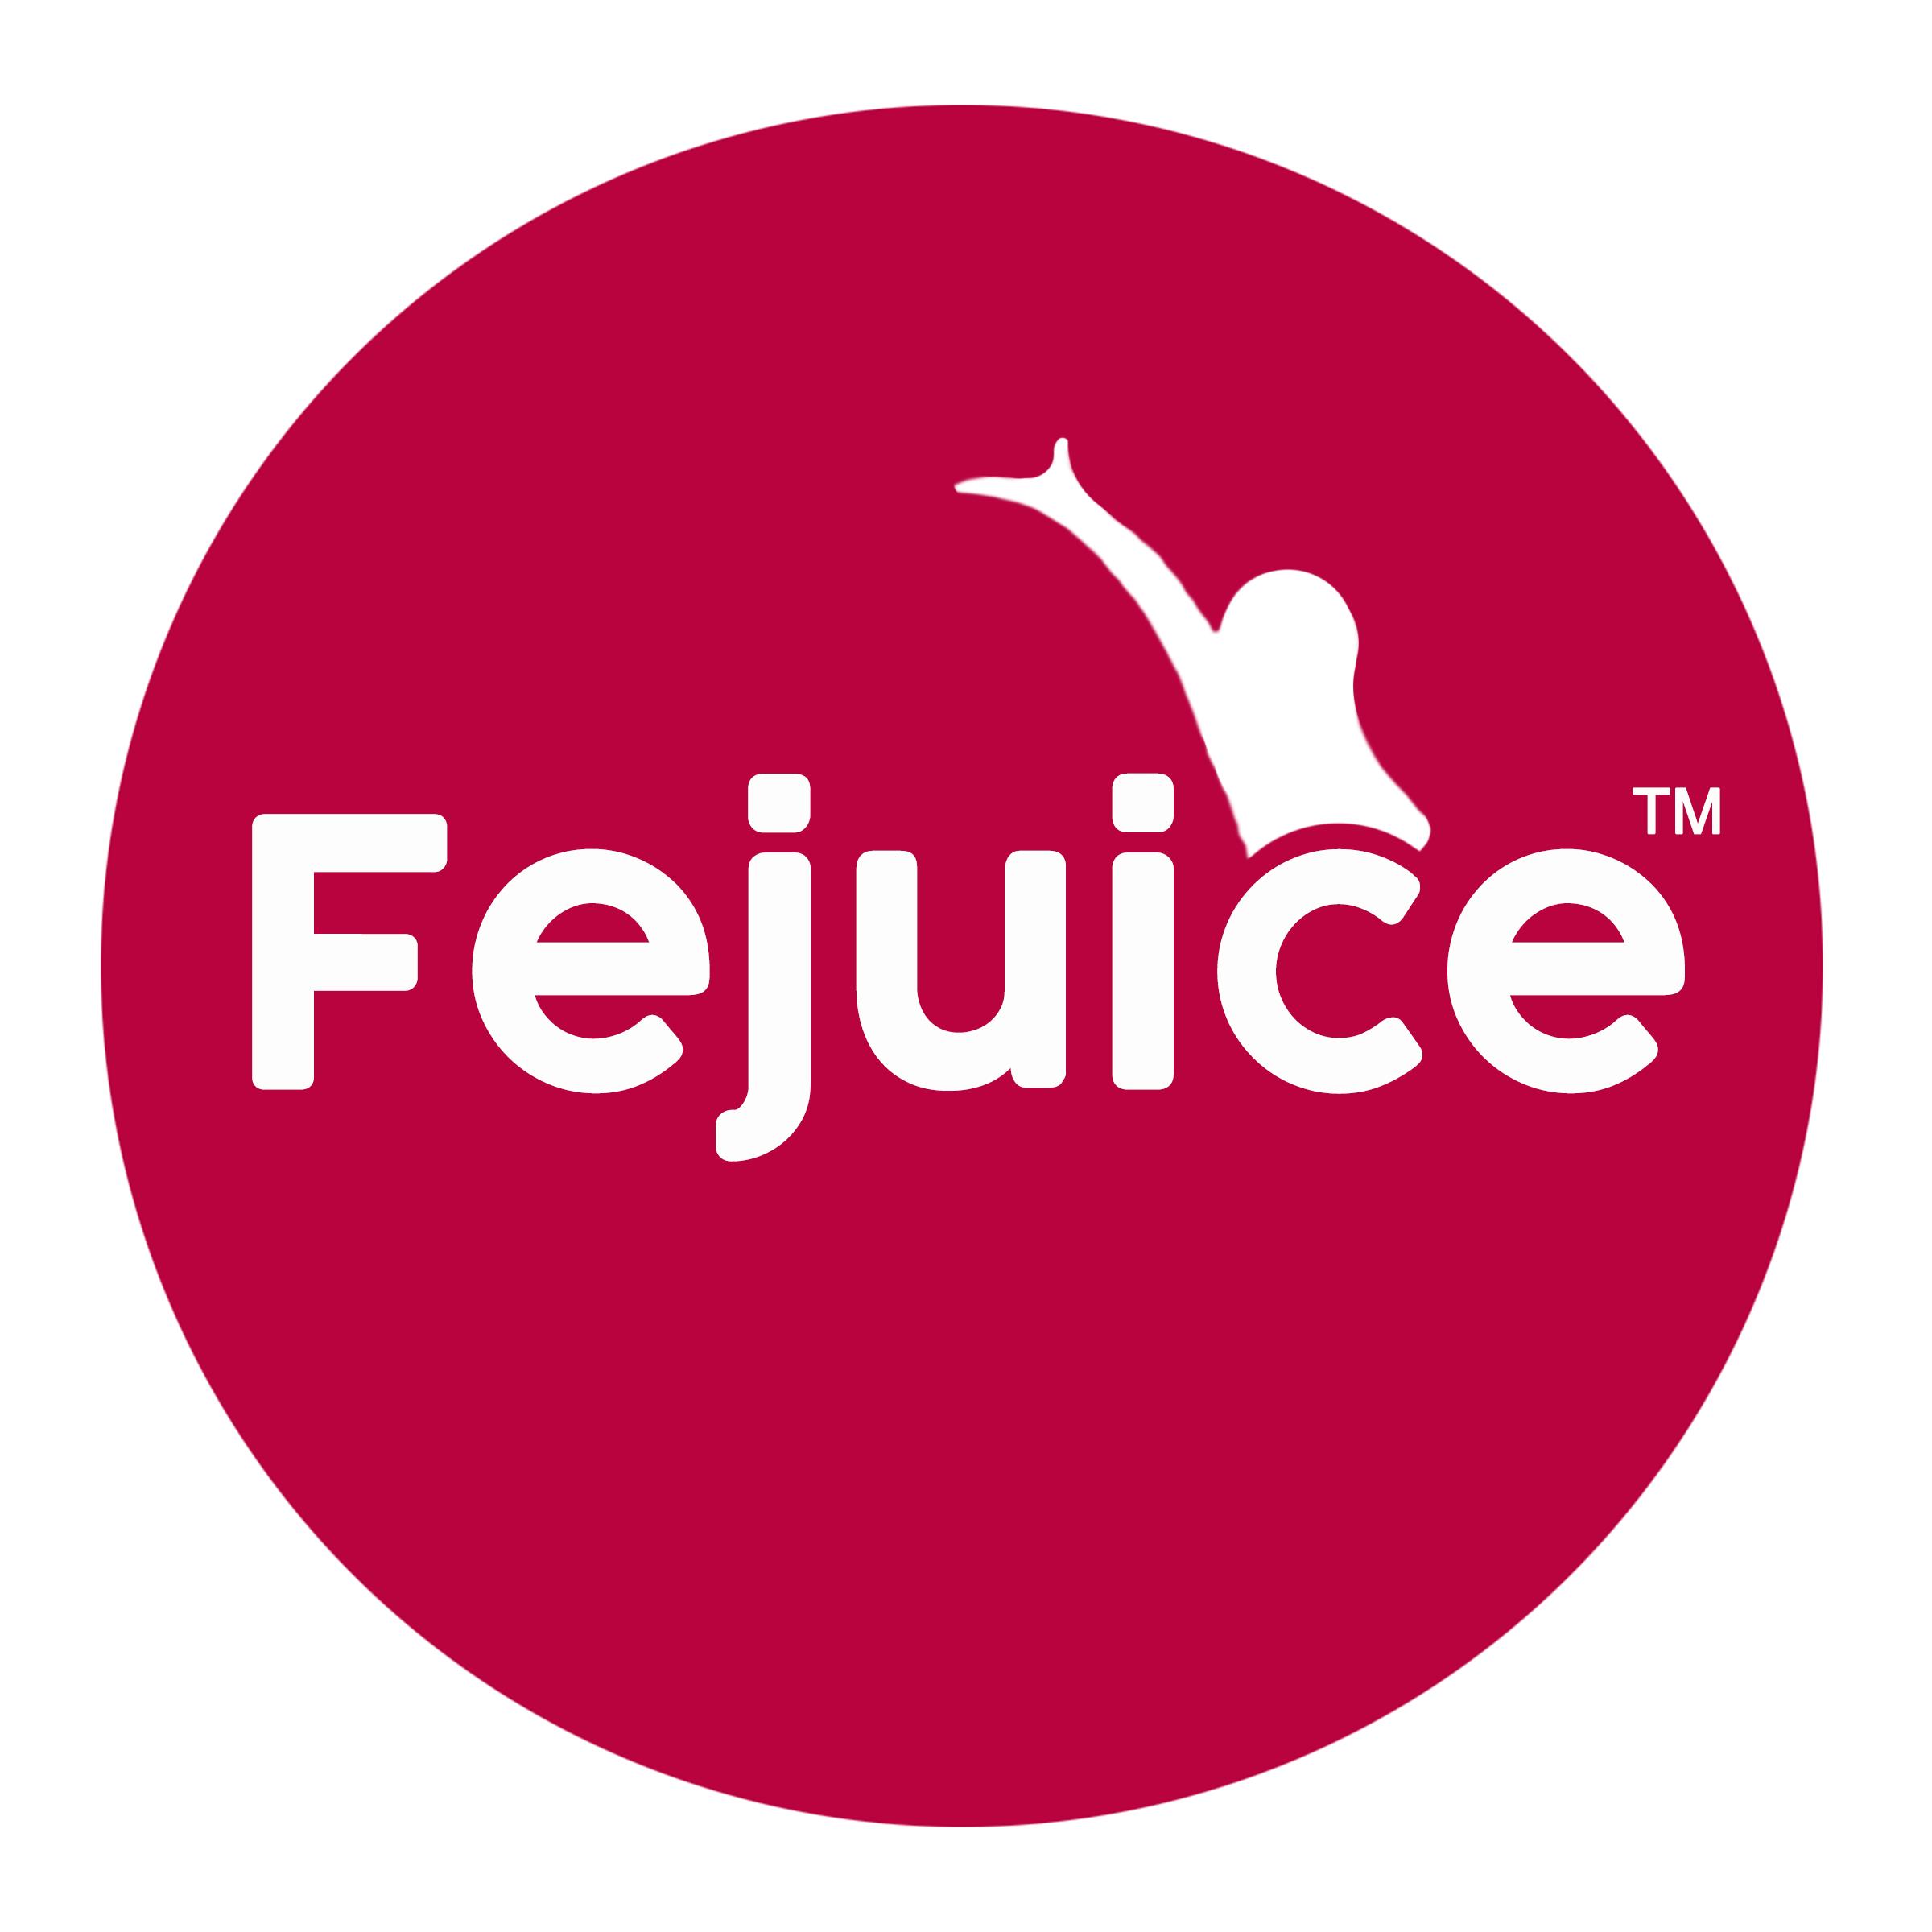 Fejuice Logo